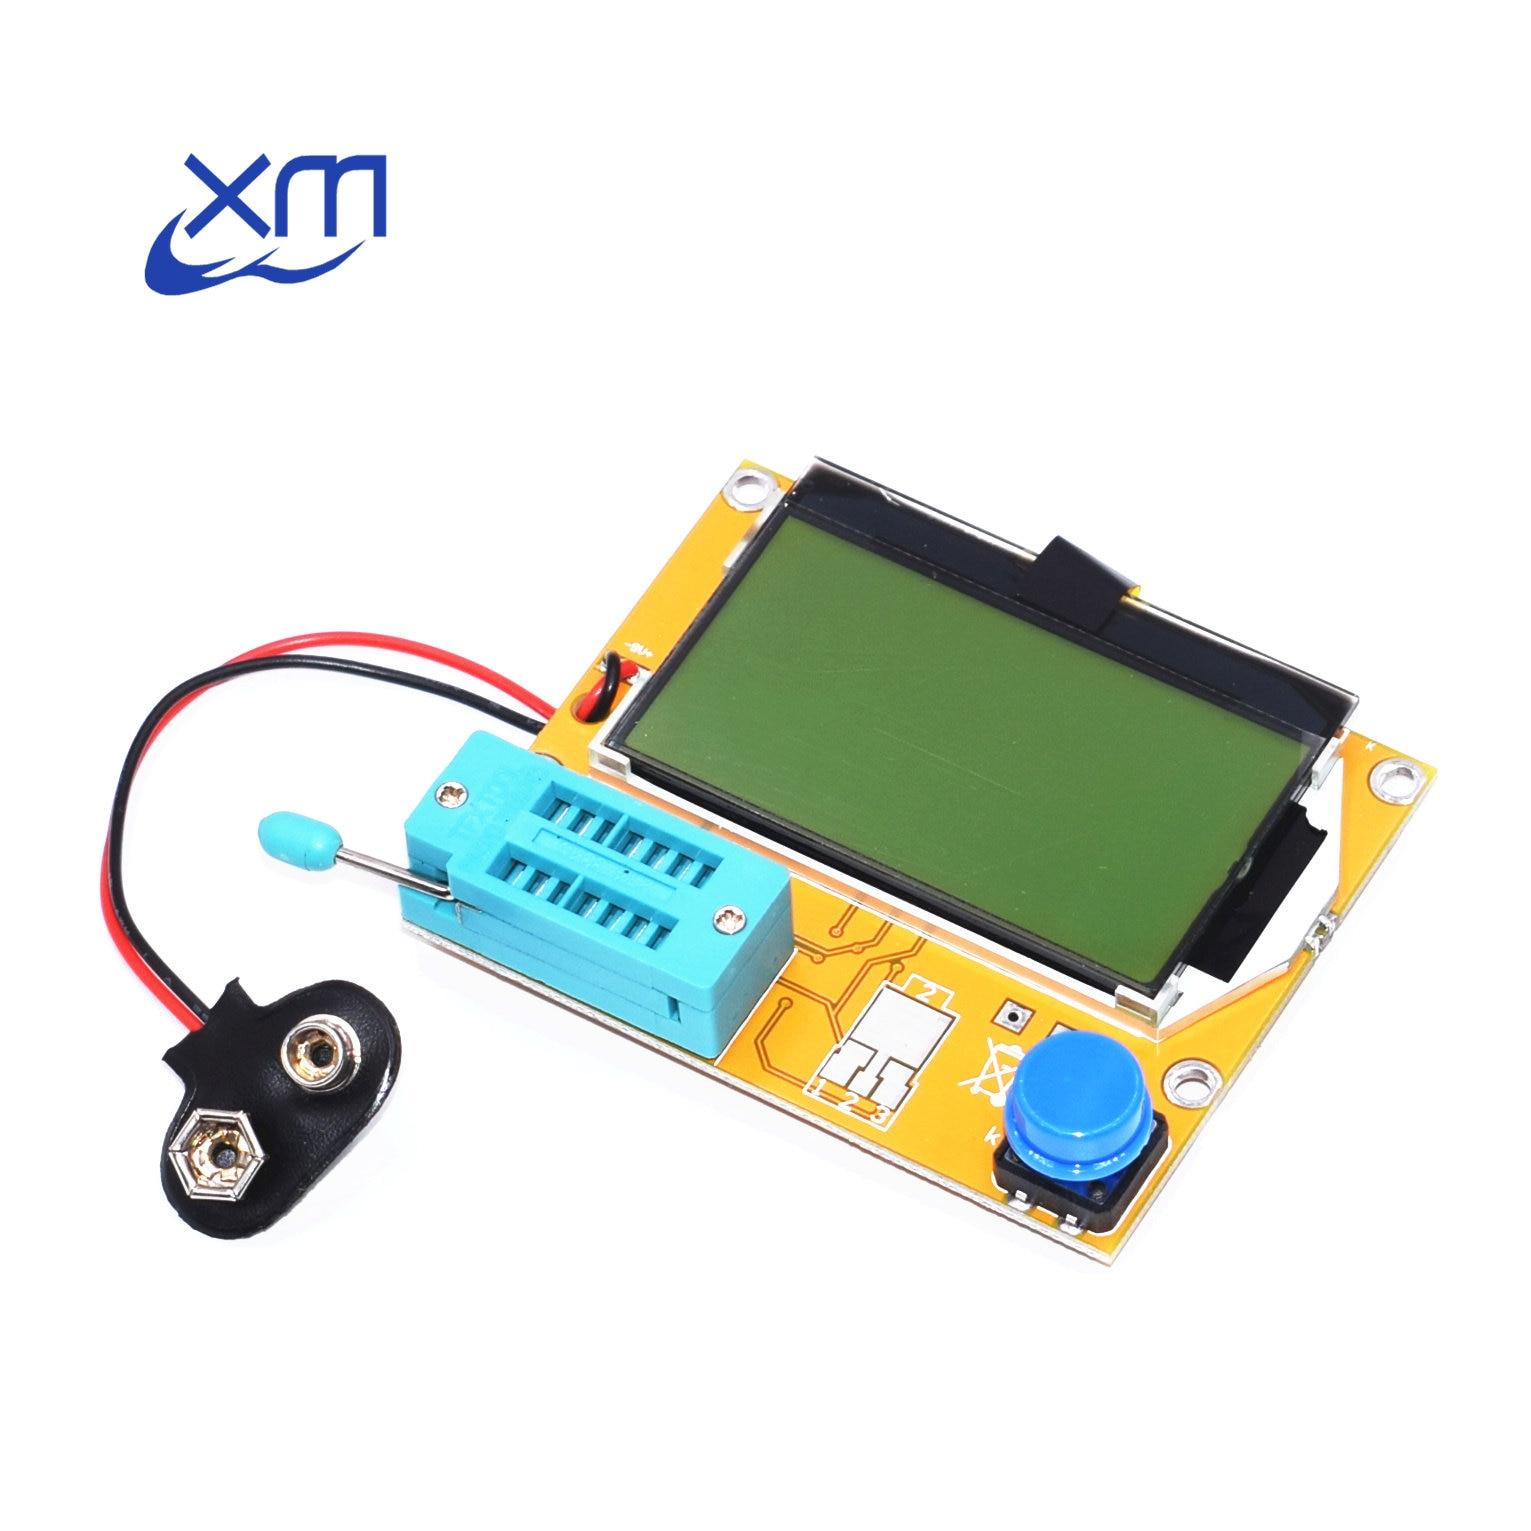 2016 LCR-T4 12846 LCD M328 Digital Transistor Tester Meter Backlight Diode Triode Capacitance ESR Meter MOS/PNP/NPN L/C/R B032016 LCR-T4 12846 LCD M328 Digital Transistor Tester Meter Backlight Diode Triode Capacitance ESR Meter MOS/PNP/NPN L/C/R B03